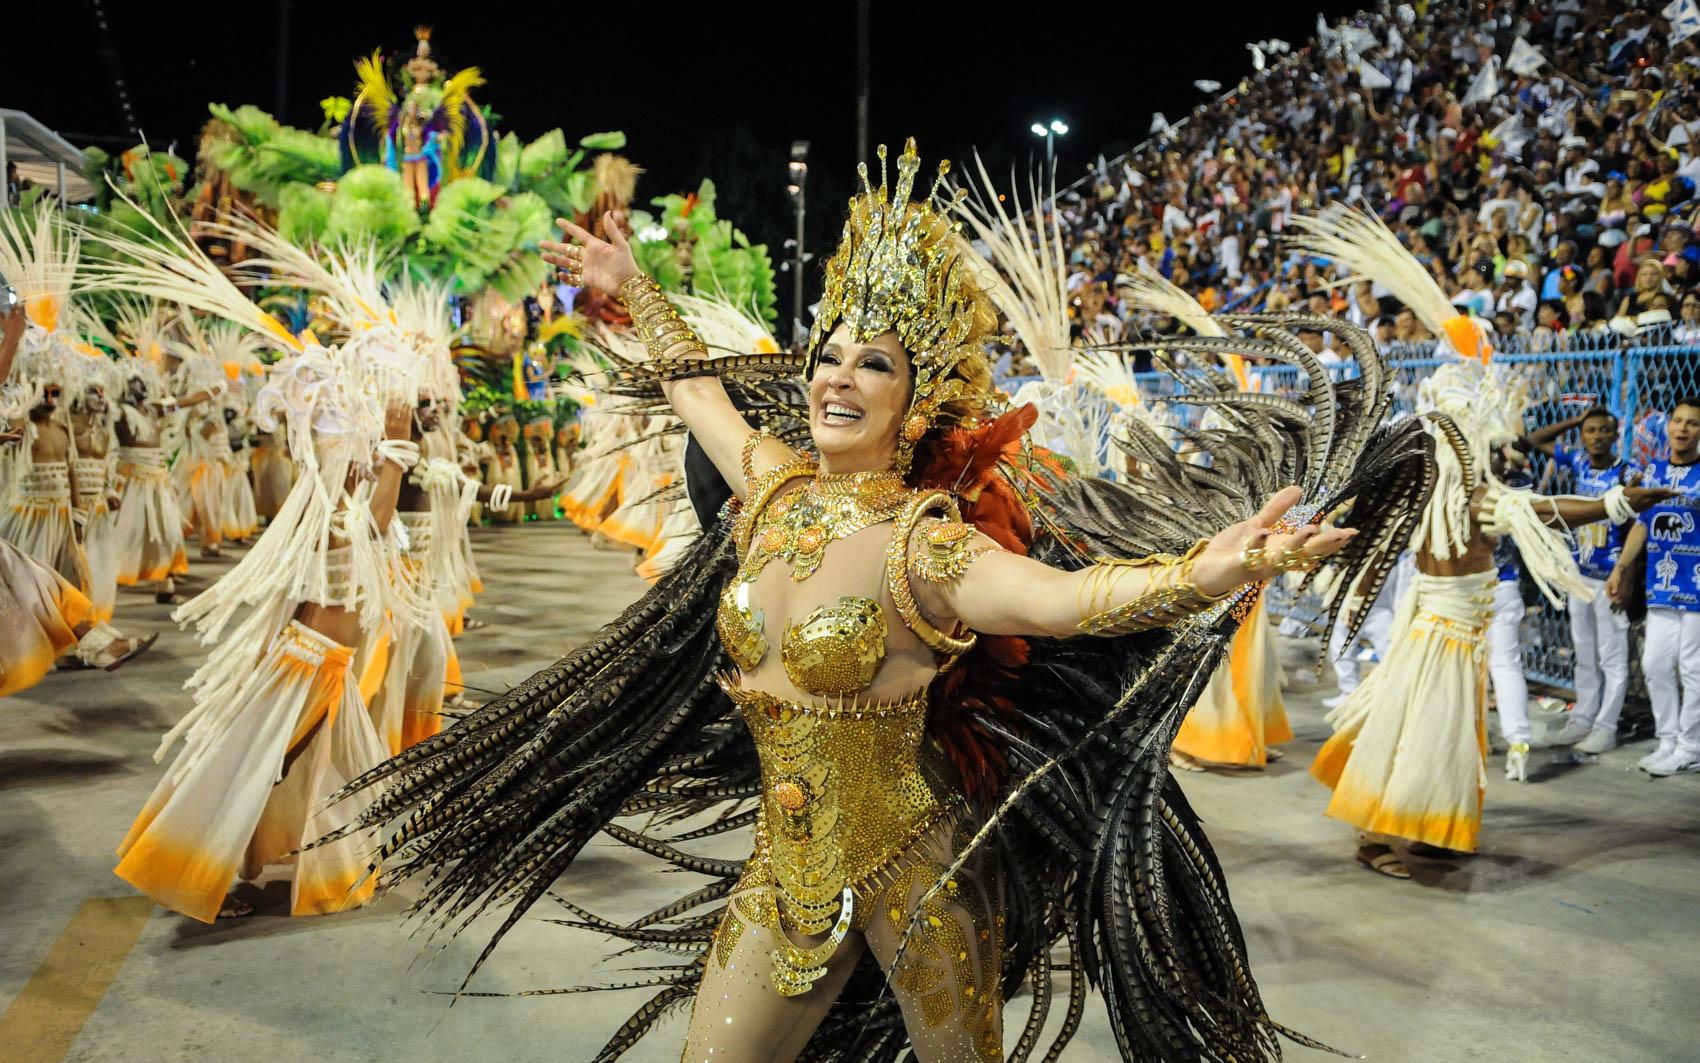 Секс на карнавале в рио де женейро